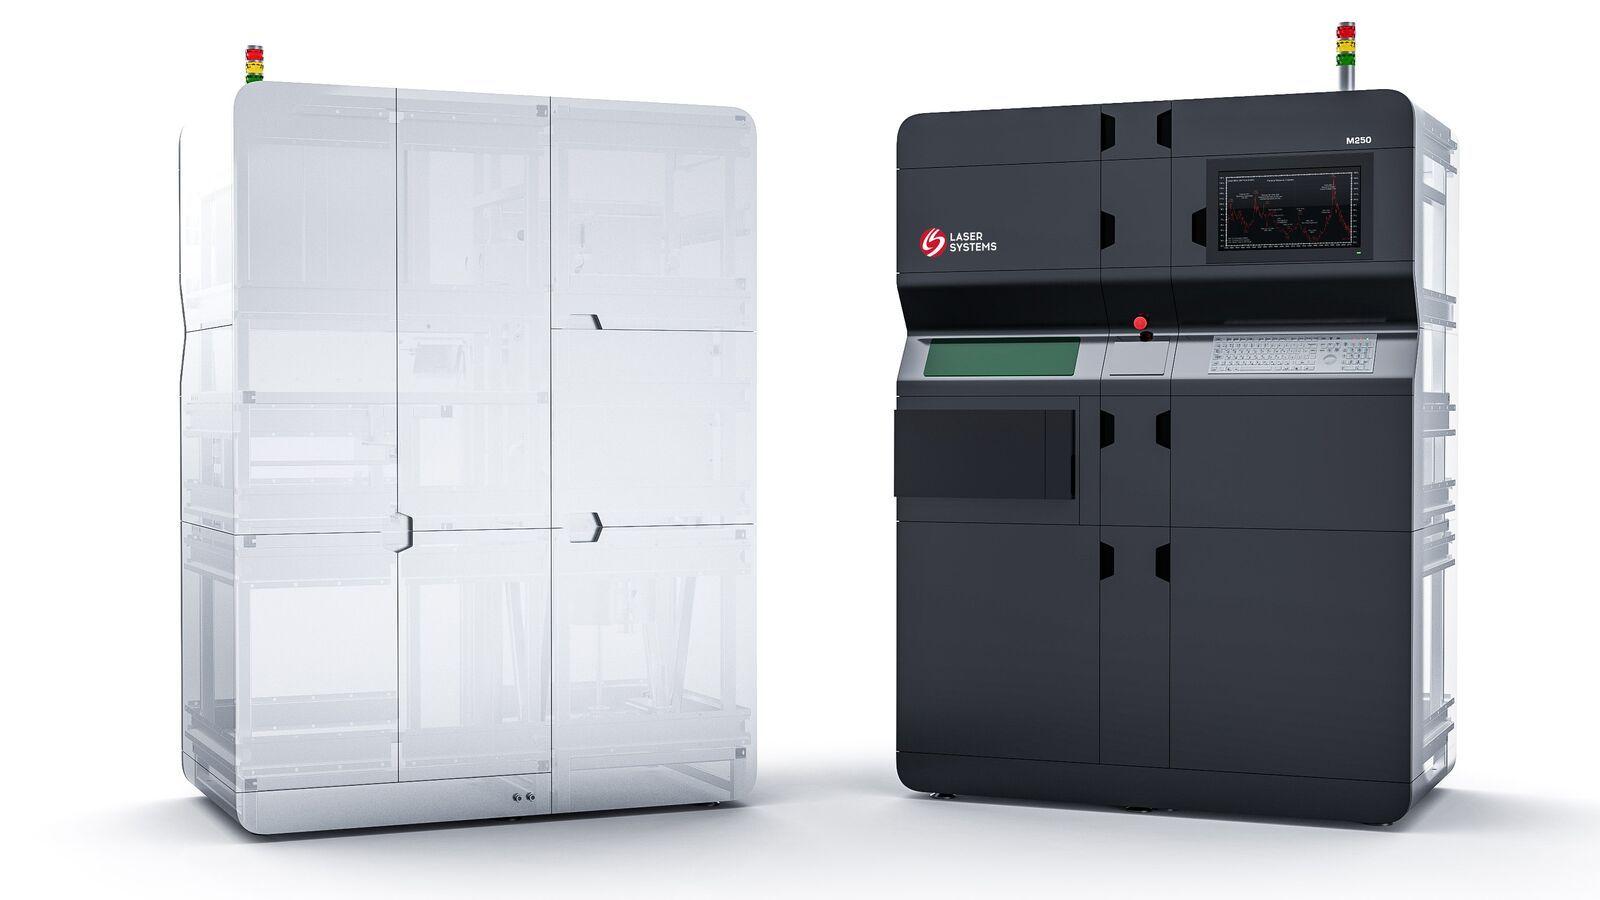 Установка селективного лазерного сплавления Laser Systems М250. Дизайн и эргономика — Формлаб